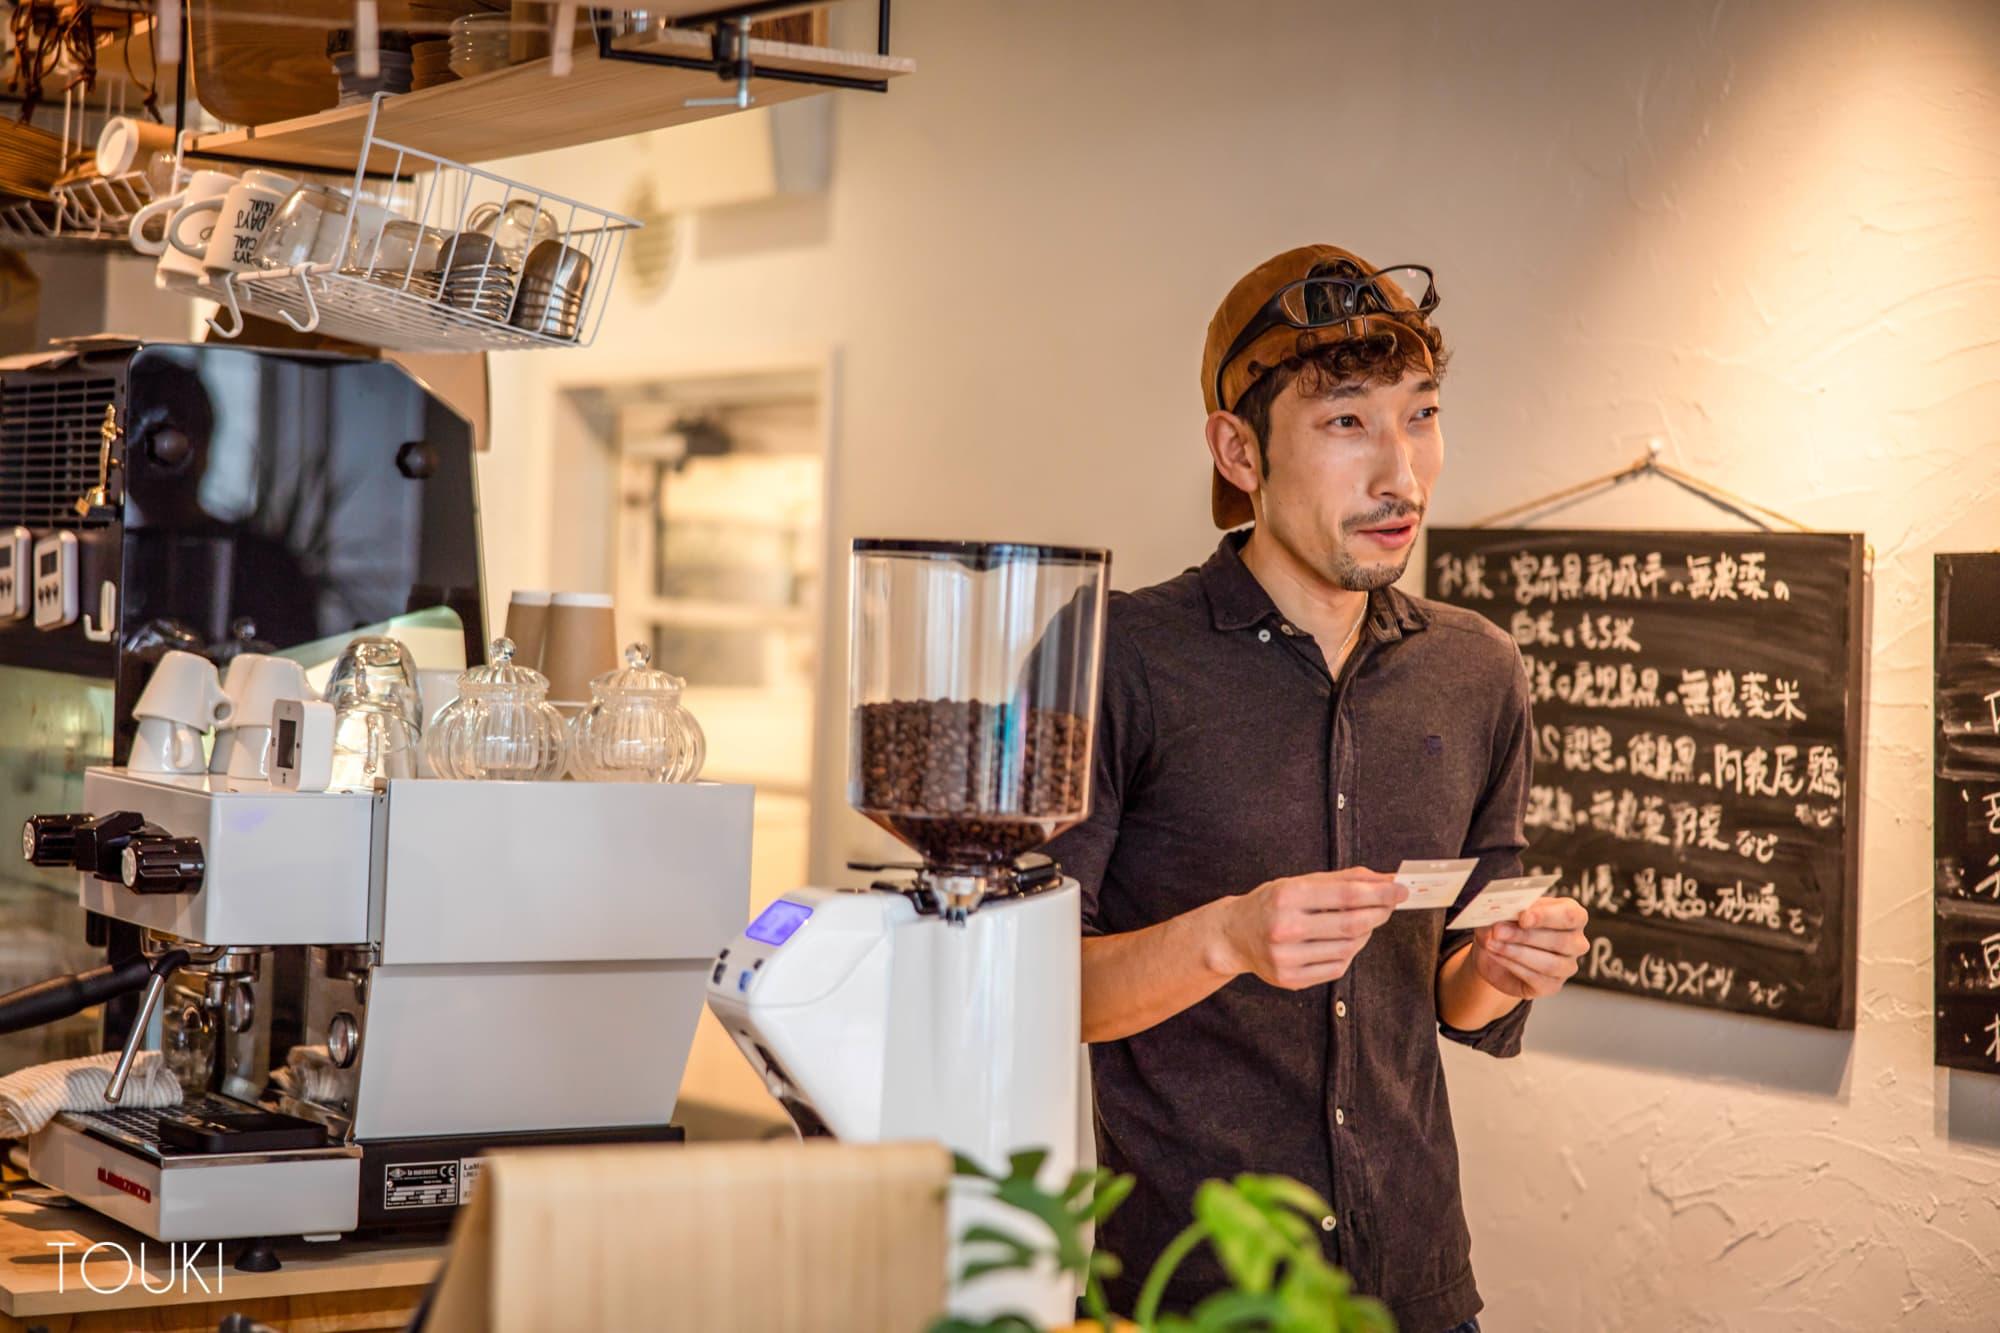 ロースイーツにこだわる自然派カフェがオリジナルマグカップを選んだ理由